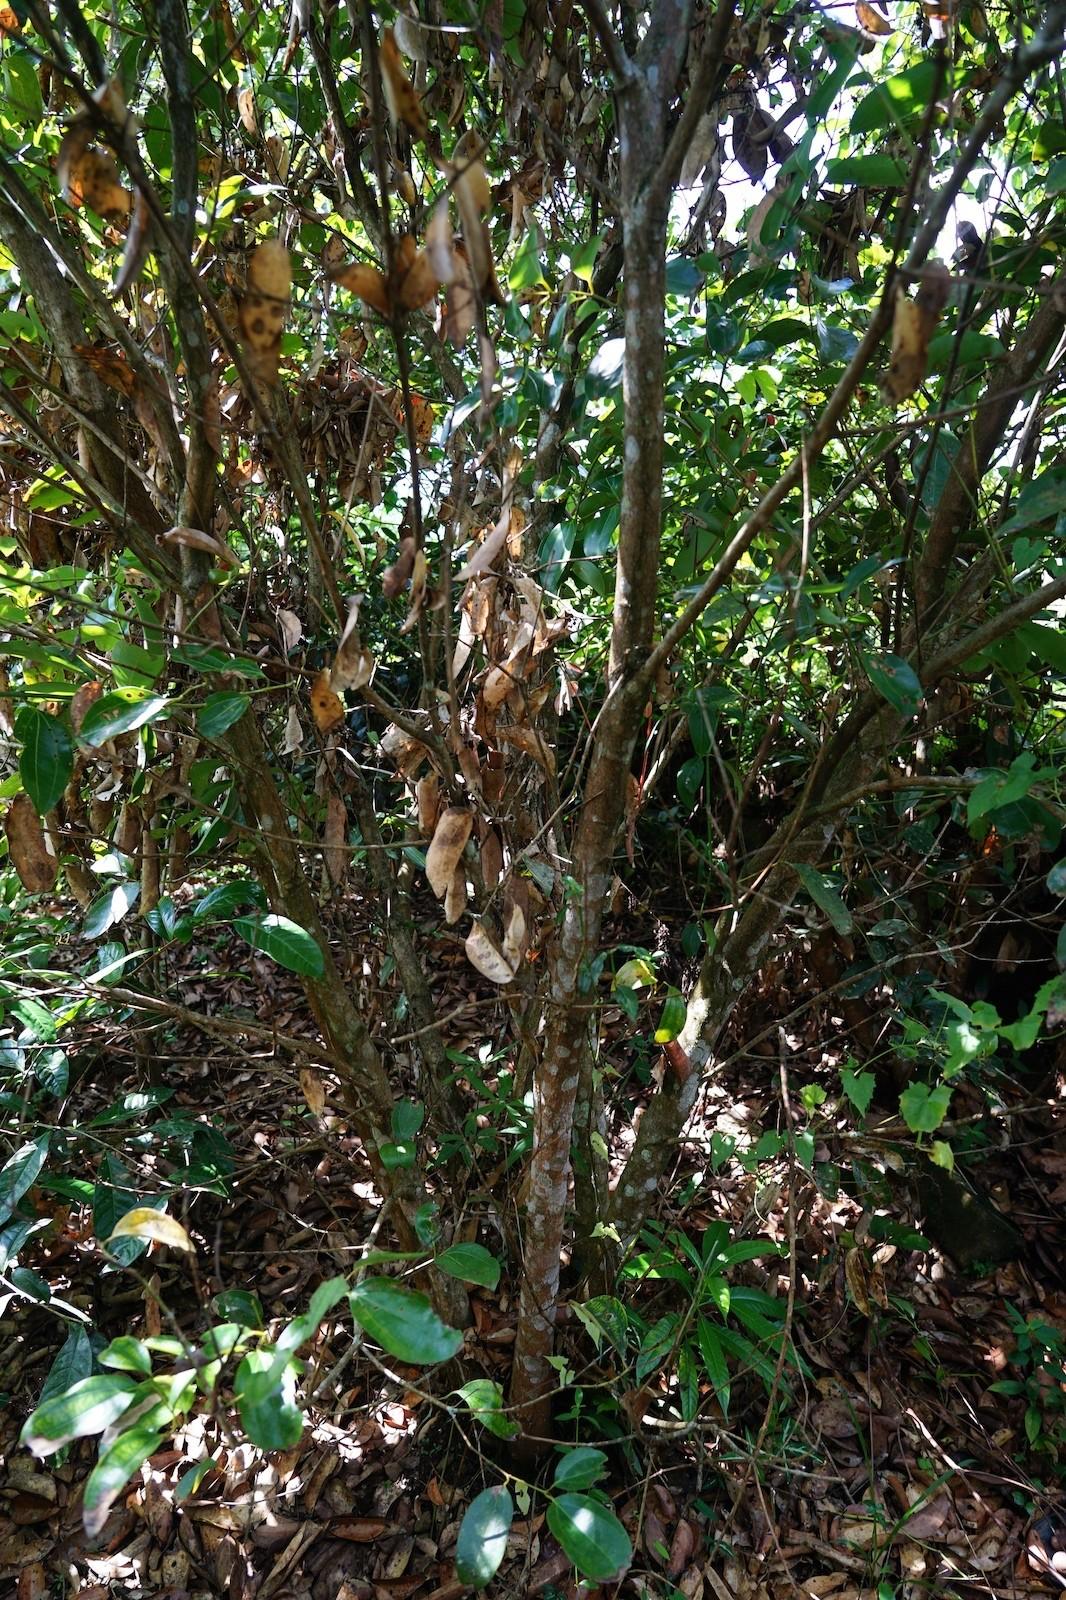 Echter Ceylon Zimt wächst am besten in seiner natürlichen Waldumgebung.